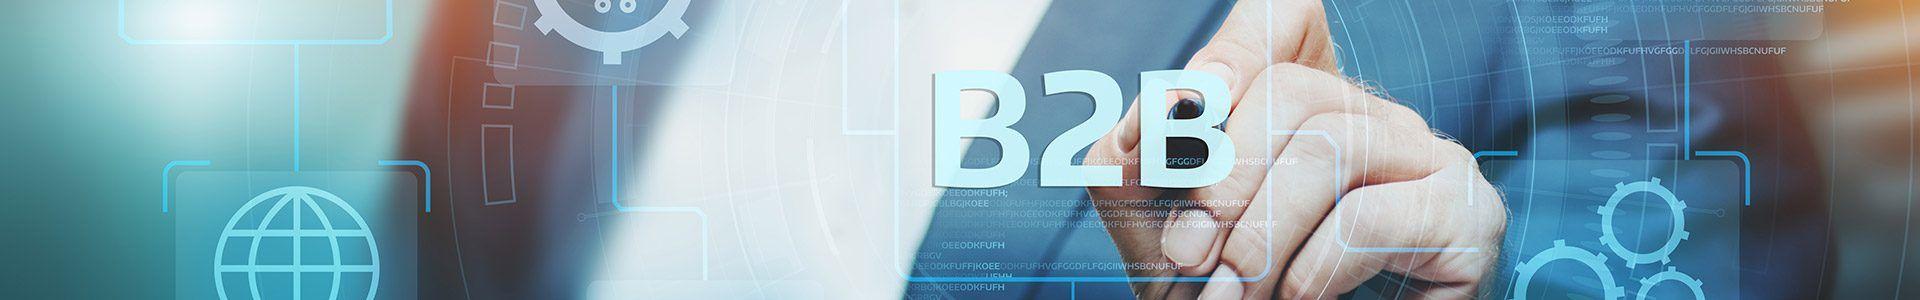 reden-voor-digital-marketing-voor-b2b-bedrijf